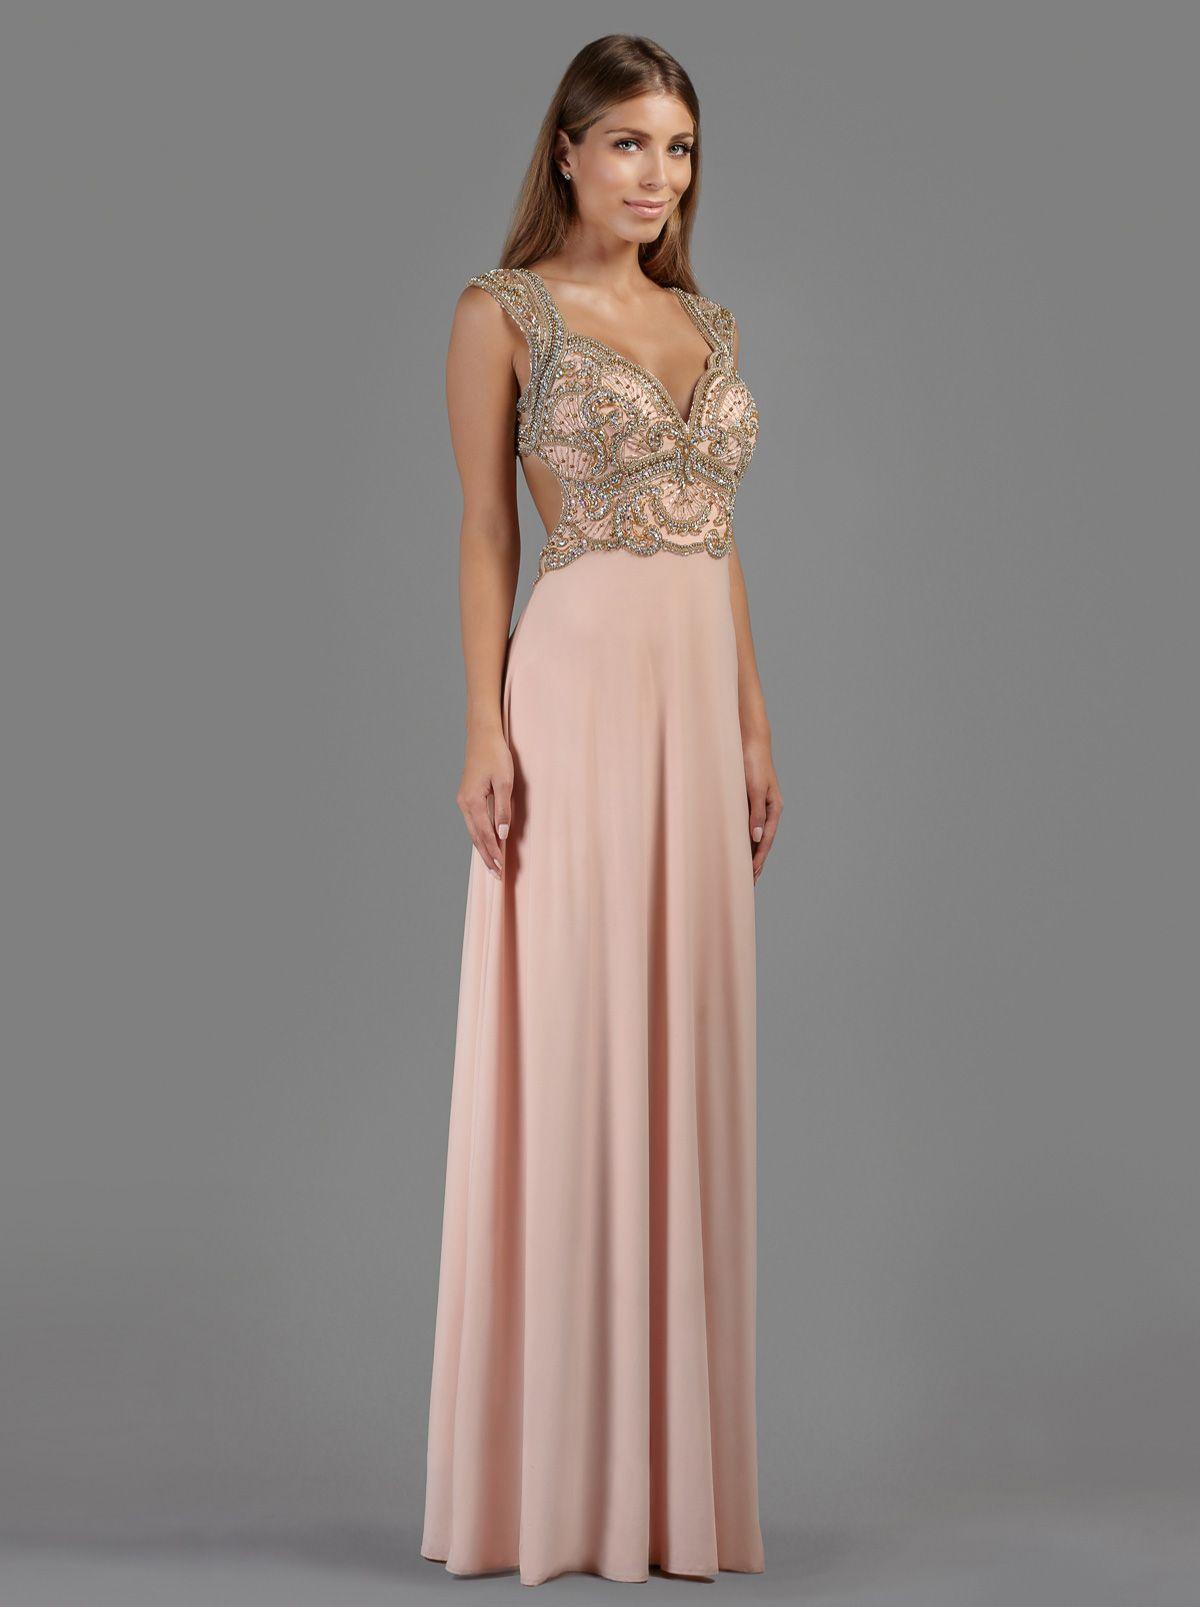 Βραδινό μακρύ φόρεμα με κέντημα στο μπούστο και άνοιγμα στην πλάτη -  Βραδυνά Φορέματα ae0548a2a28